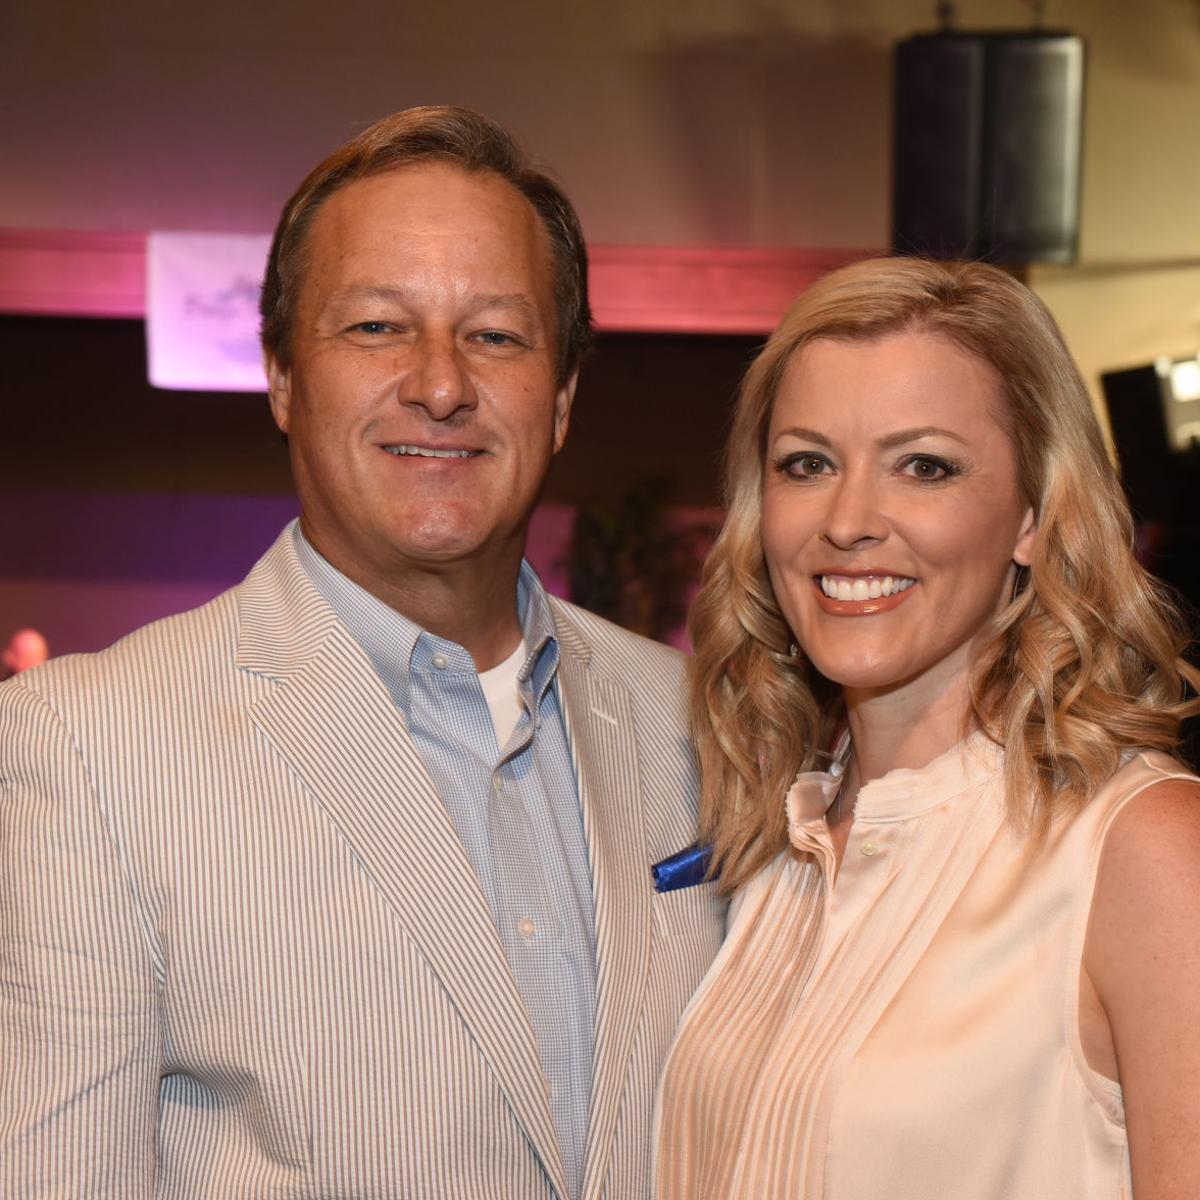 WWL-TV anchor Natalie Shepherd leaving New Orleans for